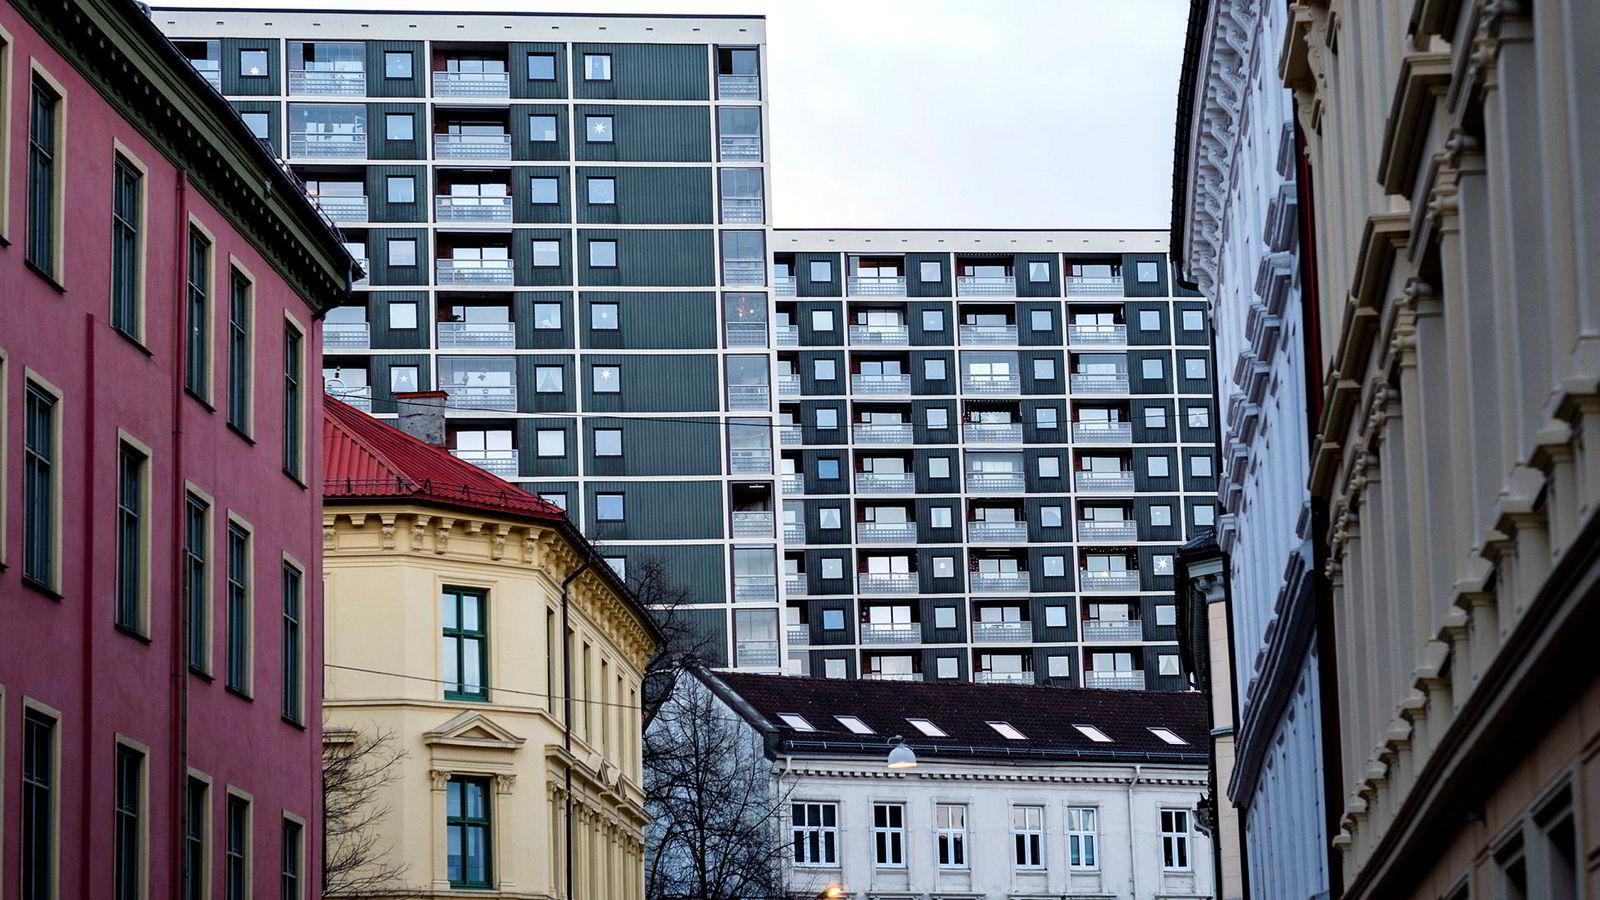 Boligprisene fikk seg et markant oppsving i fjor, spesielt i Oslo der dette bildet er tatt. Nå har det snudd, og så langt i år har prisene i hovedstaden falt med ti prosent.